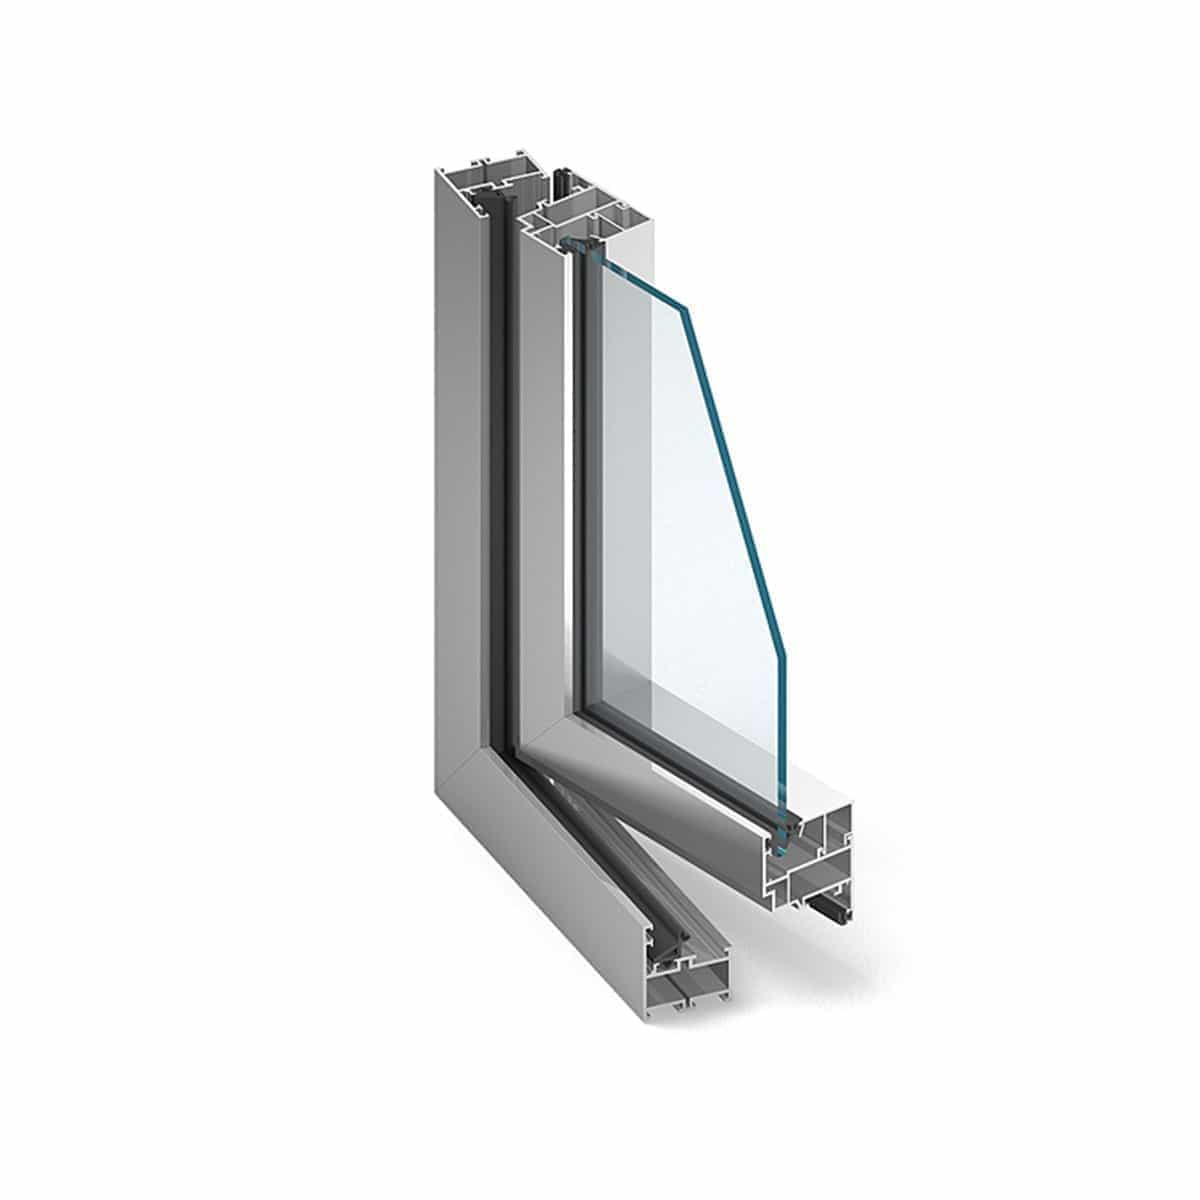 Przekrój okna z aluminium.